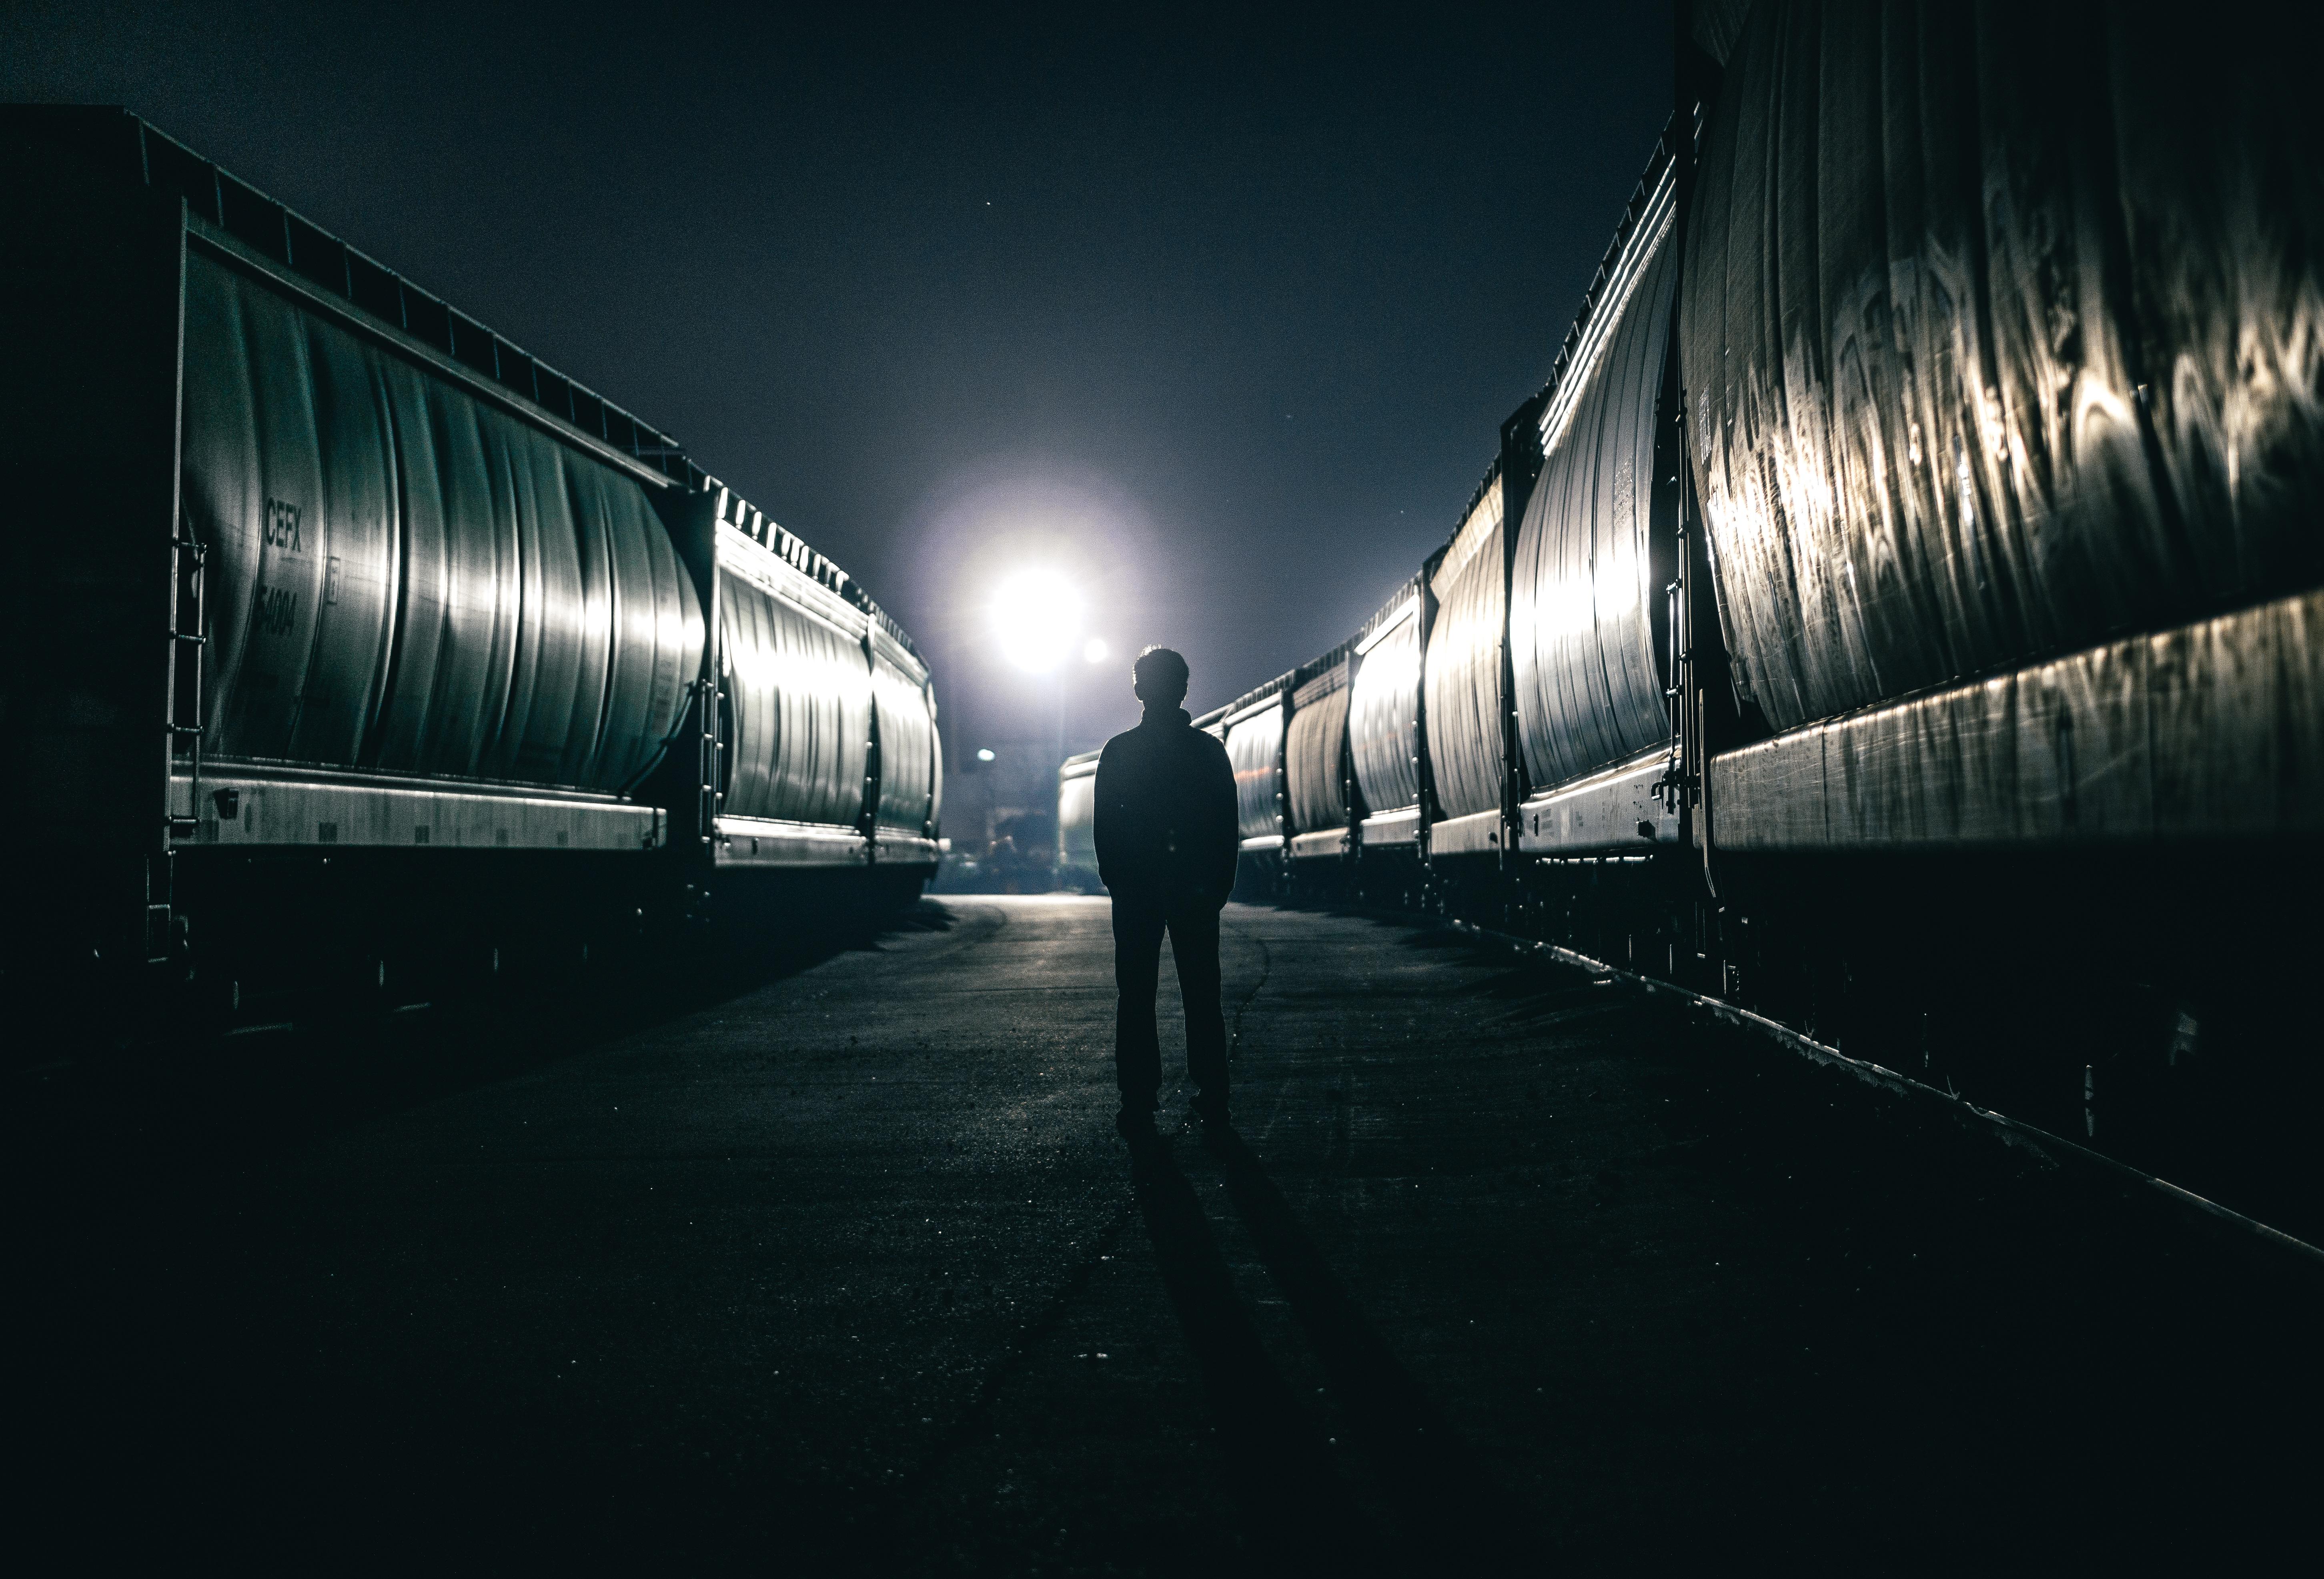 wandering alone at night - HD1280×869